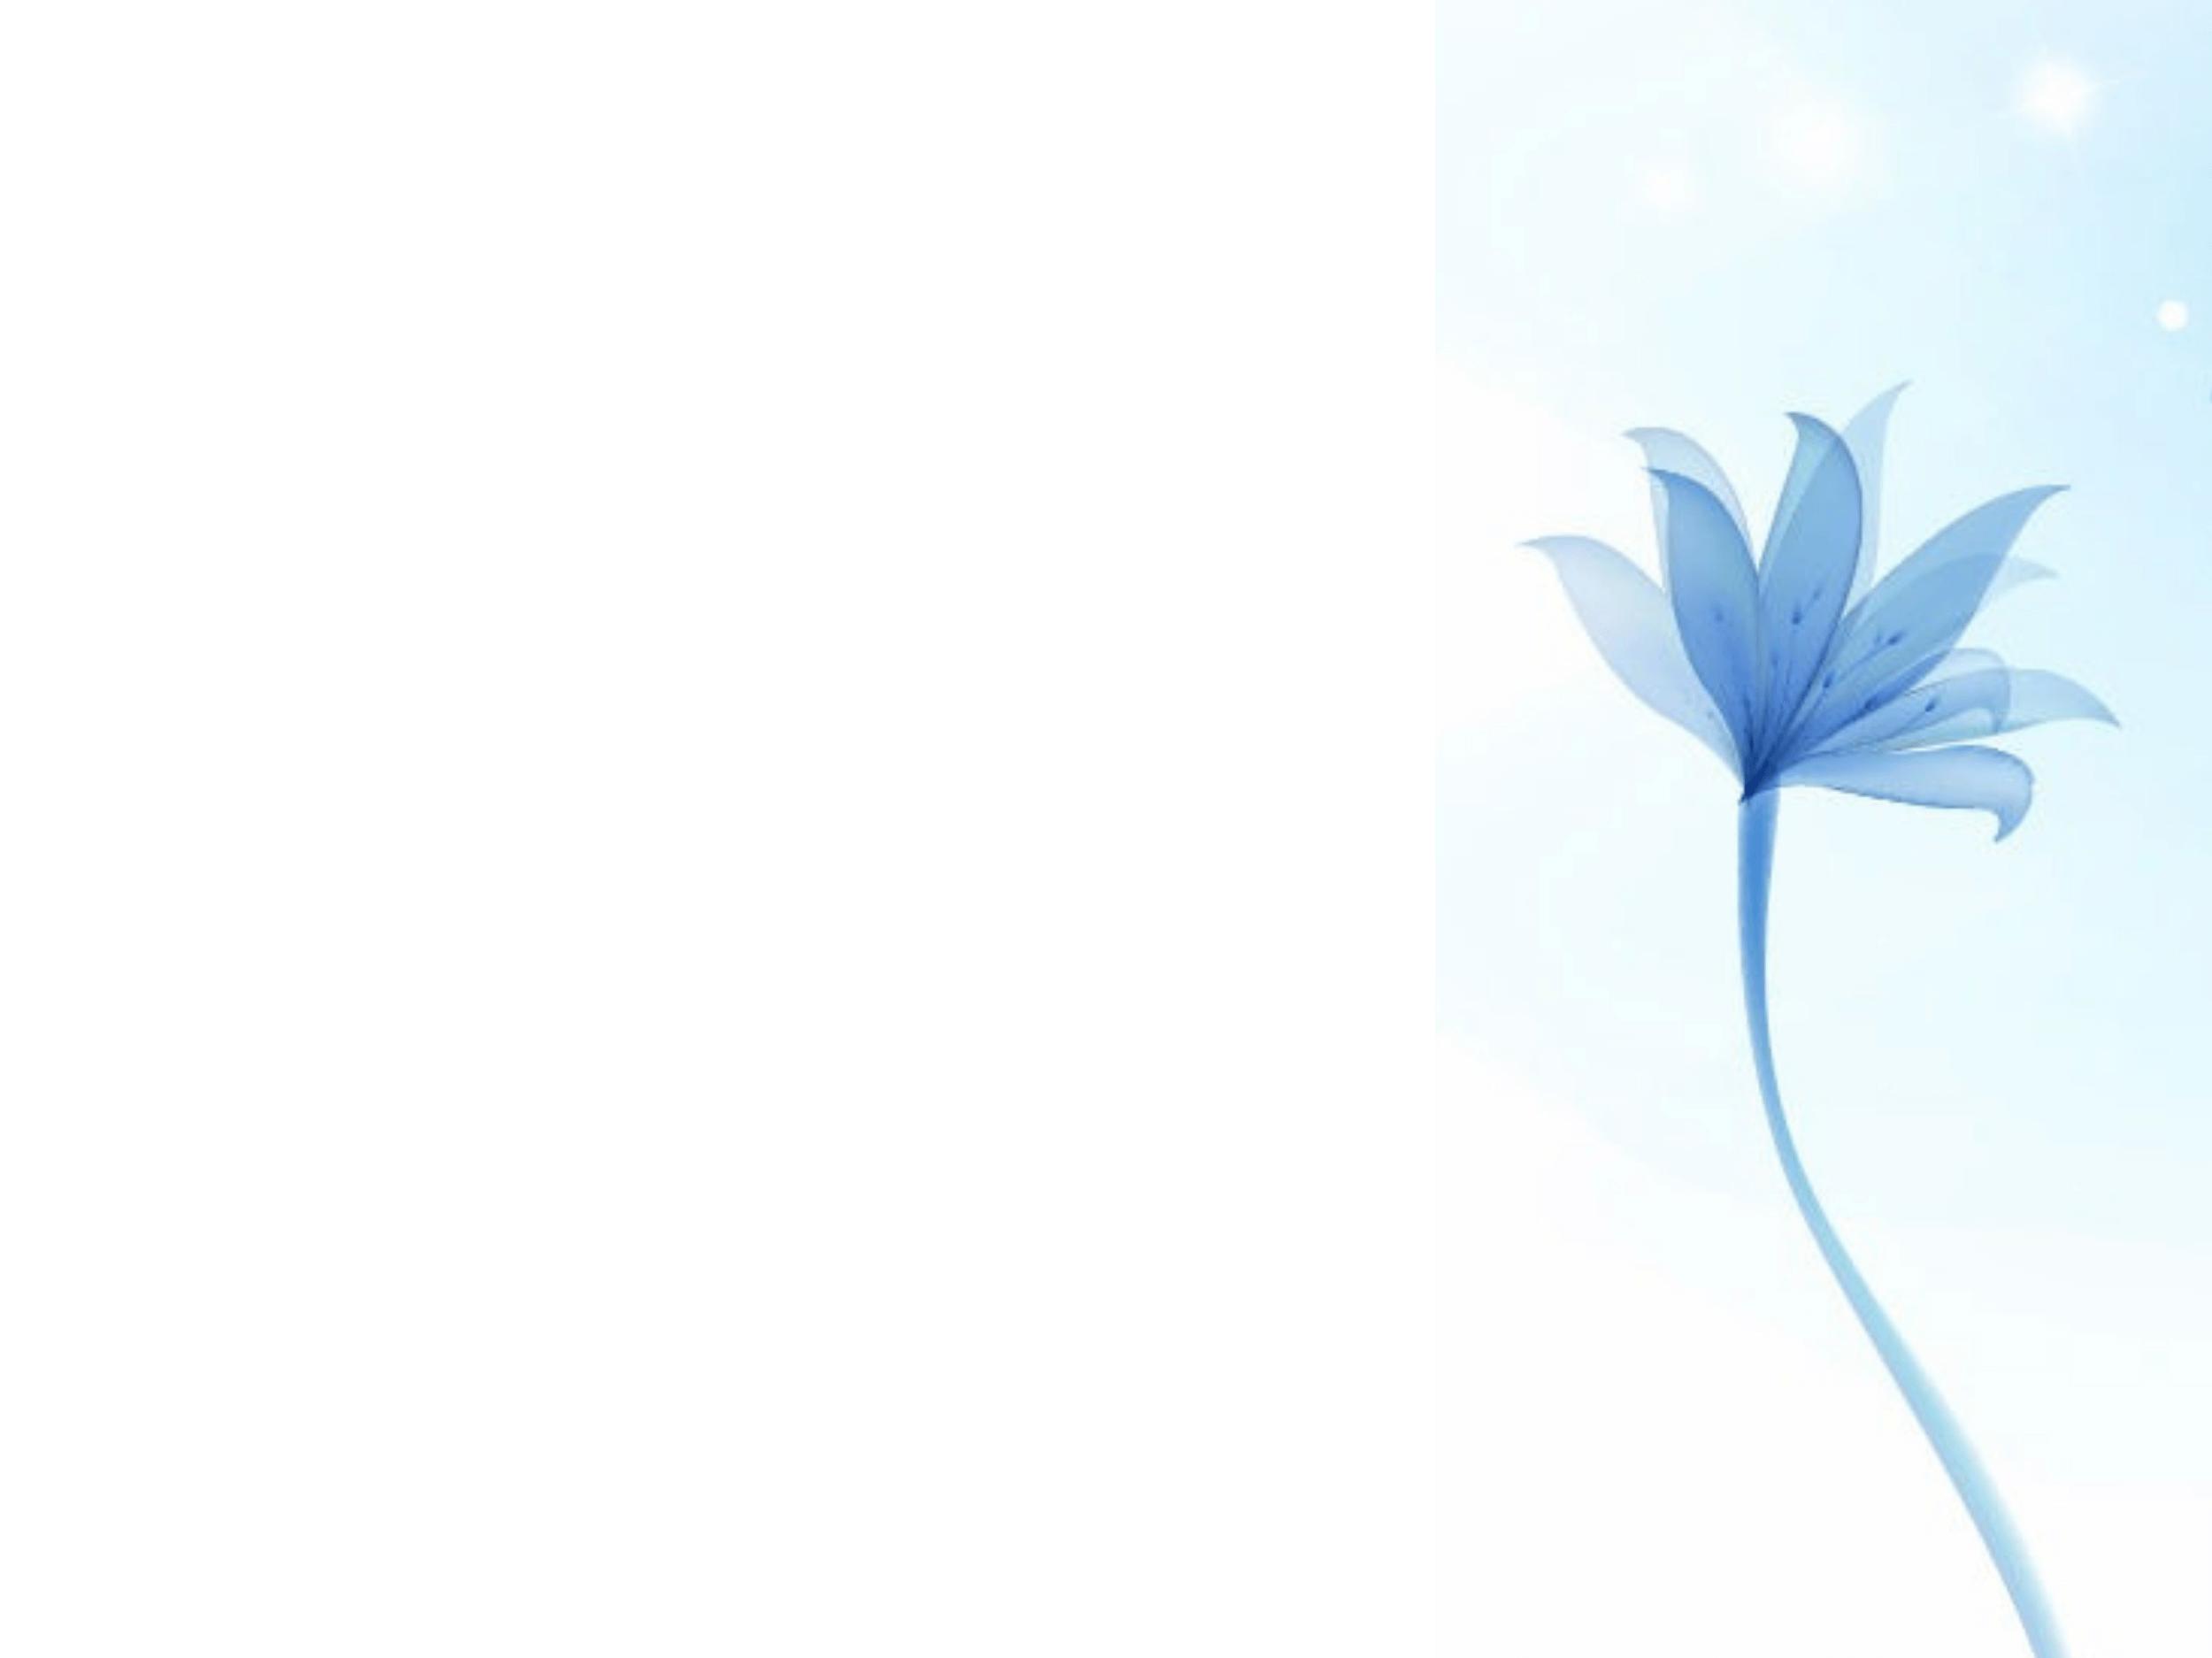 Hintergrund Blume Rechts